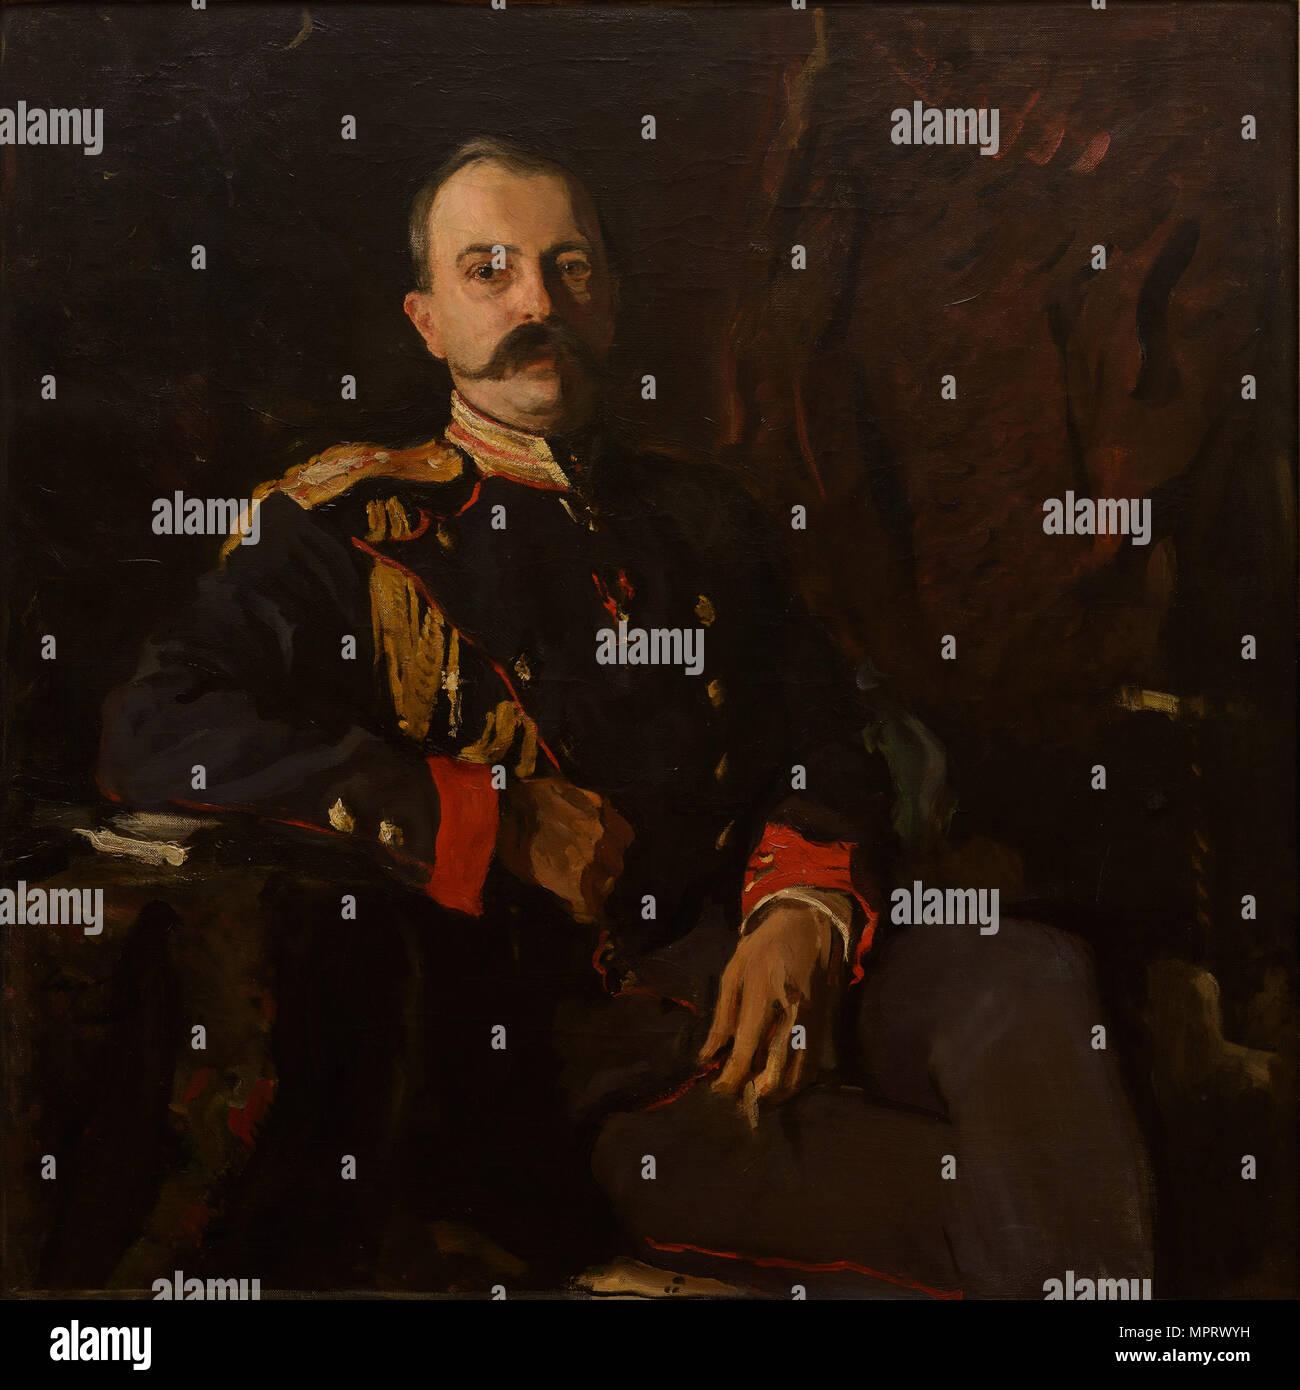 Portrait of Grand Duke George Mikhailovich of Russia (1863-1919). - Stock Image